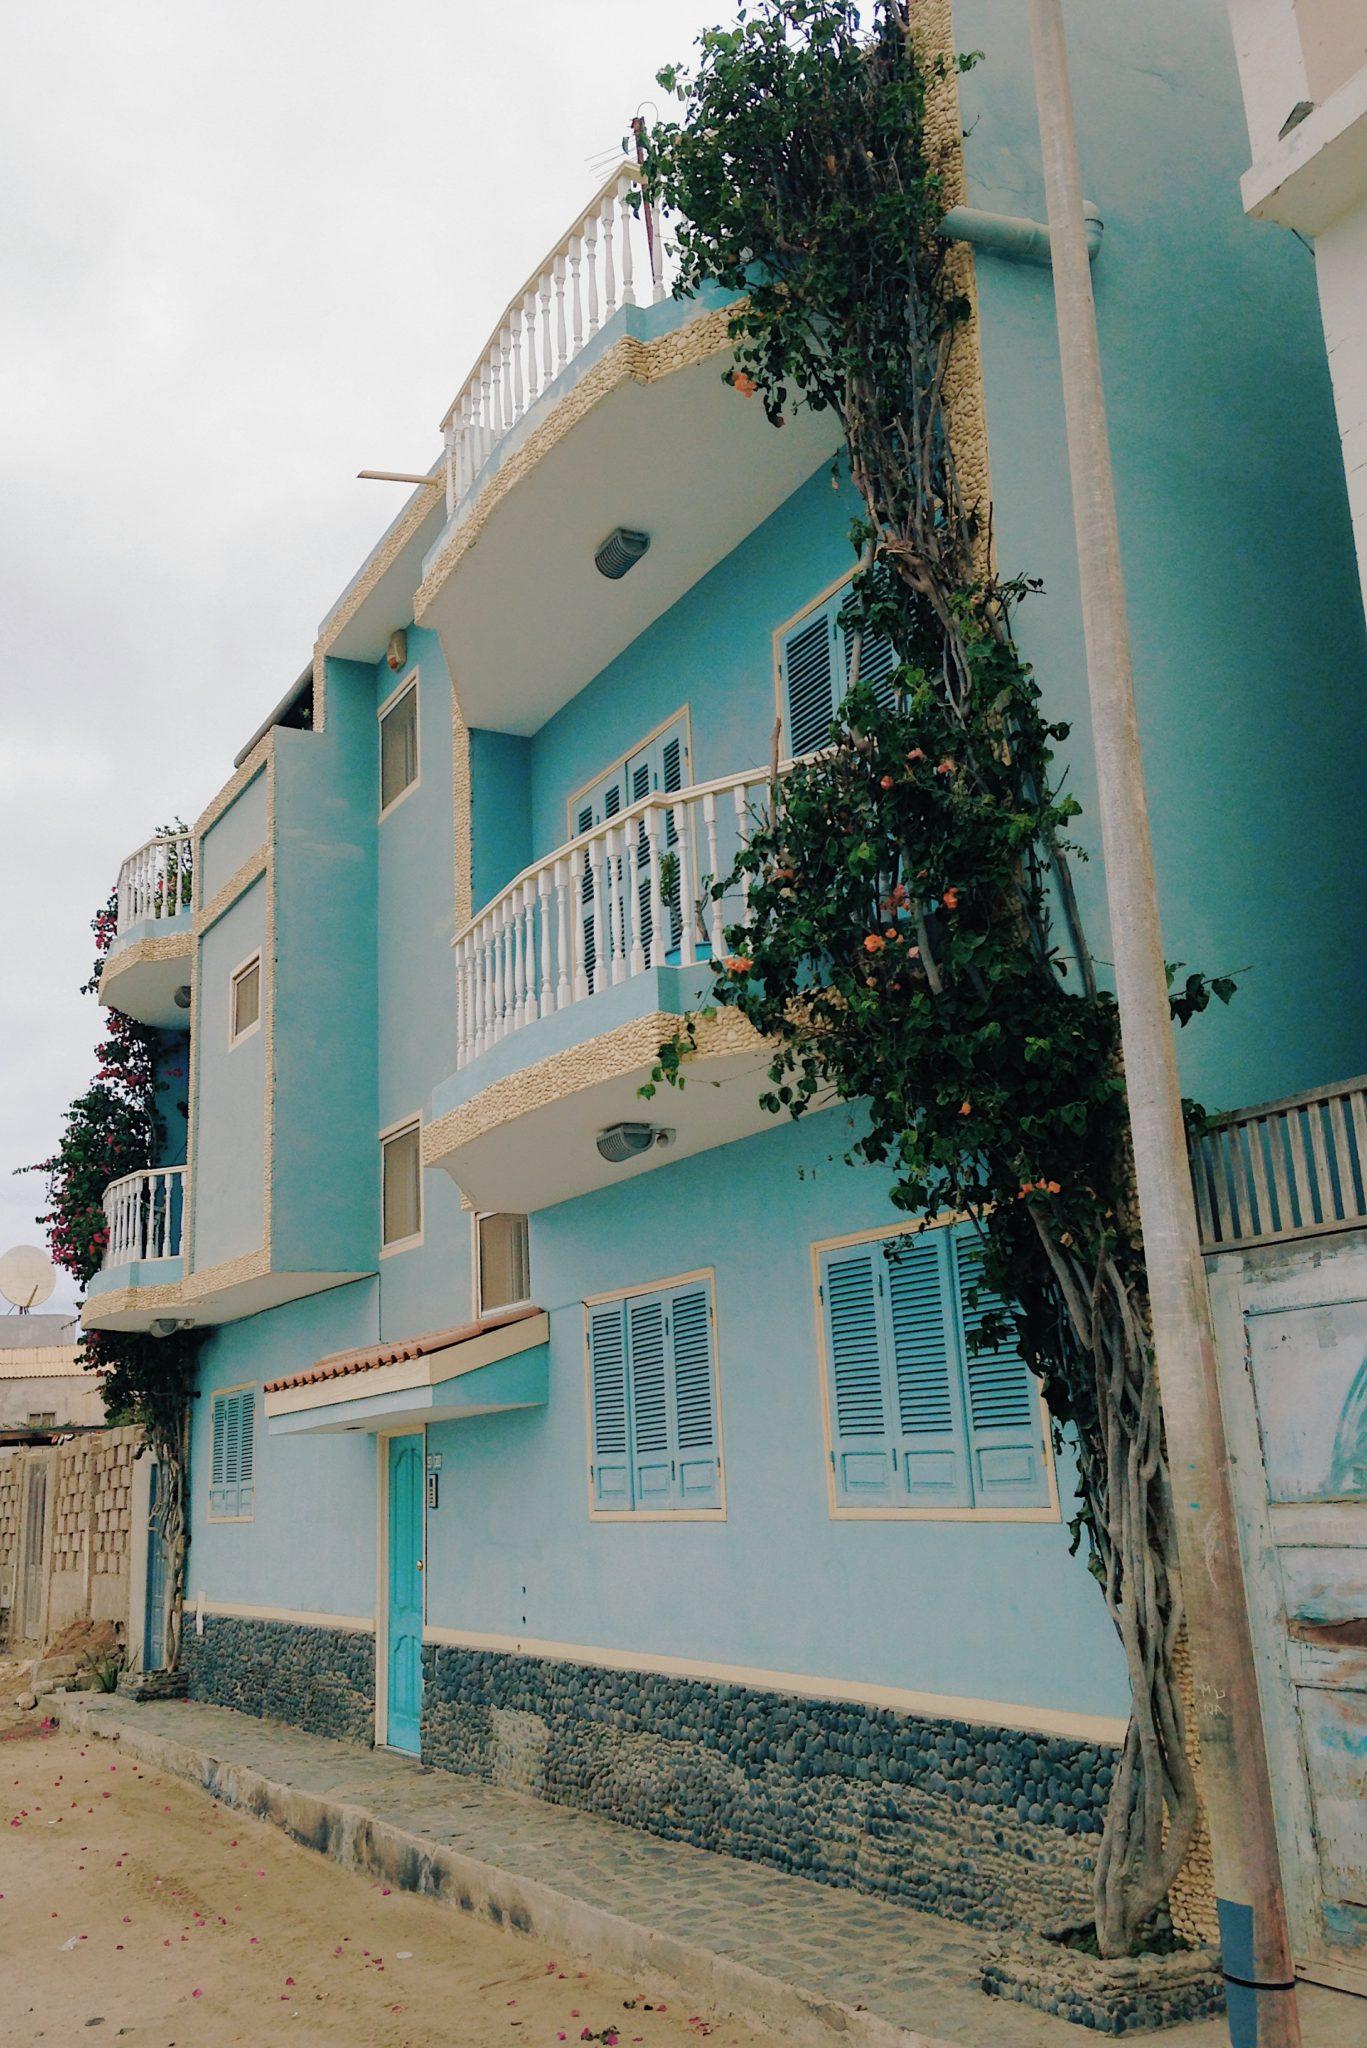 Une très belle maison colorée